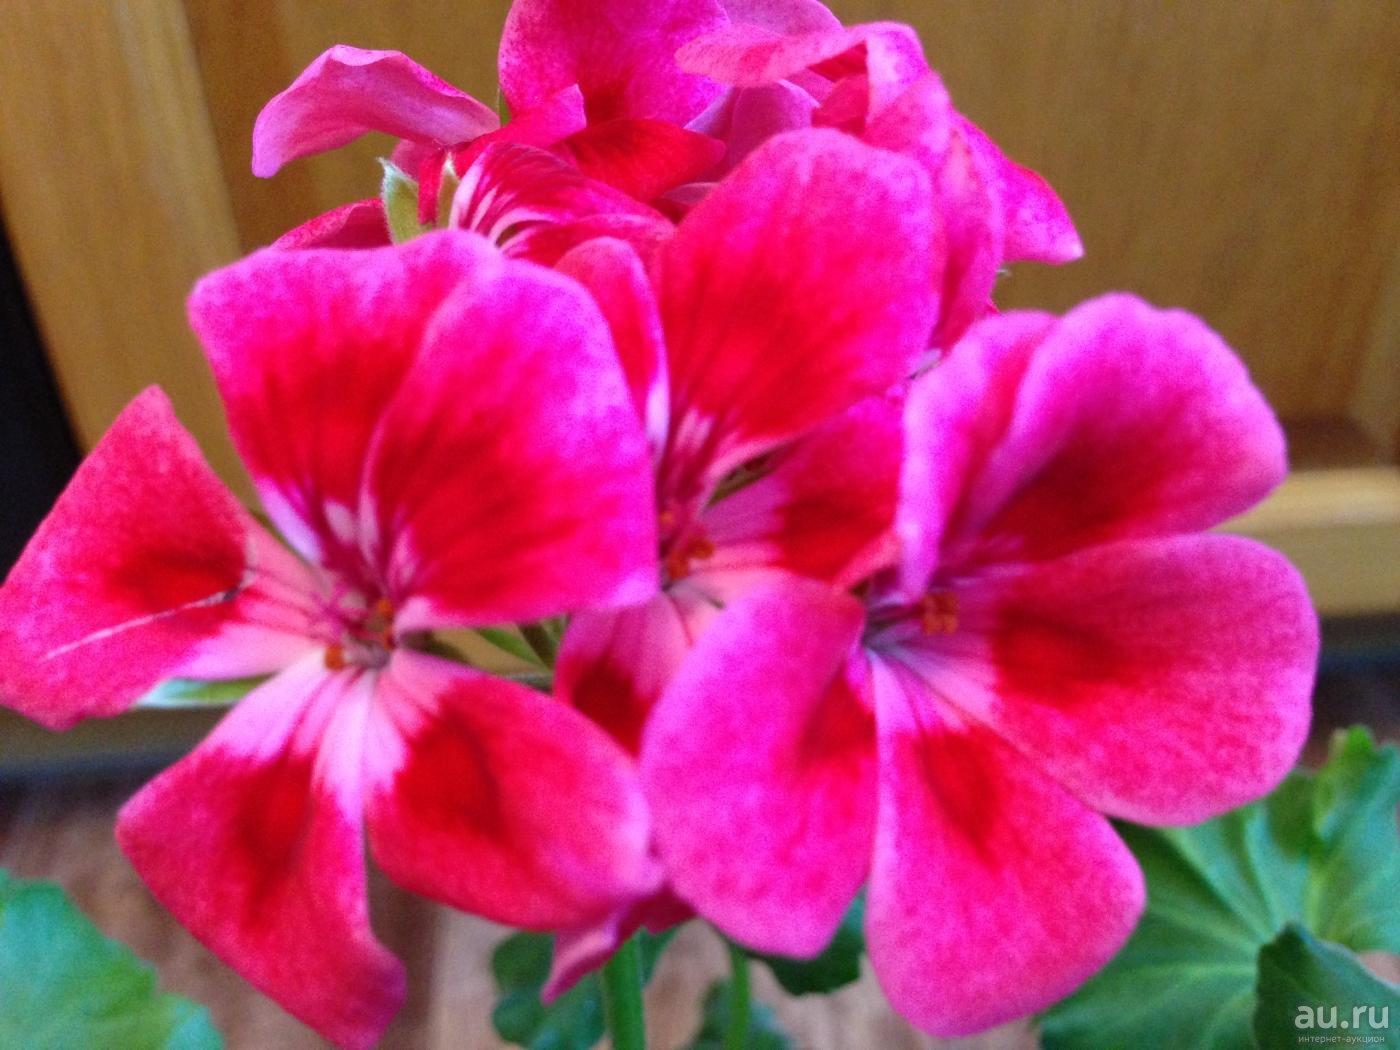 Пеларгония – описание, уход, выращивание и размножение